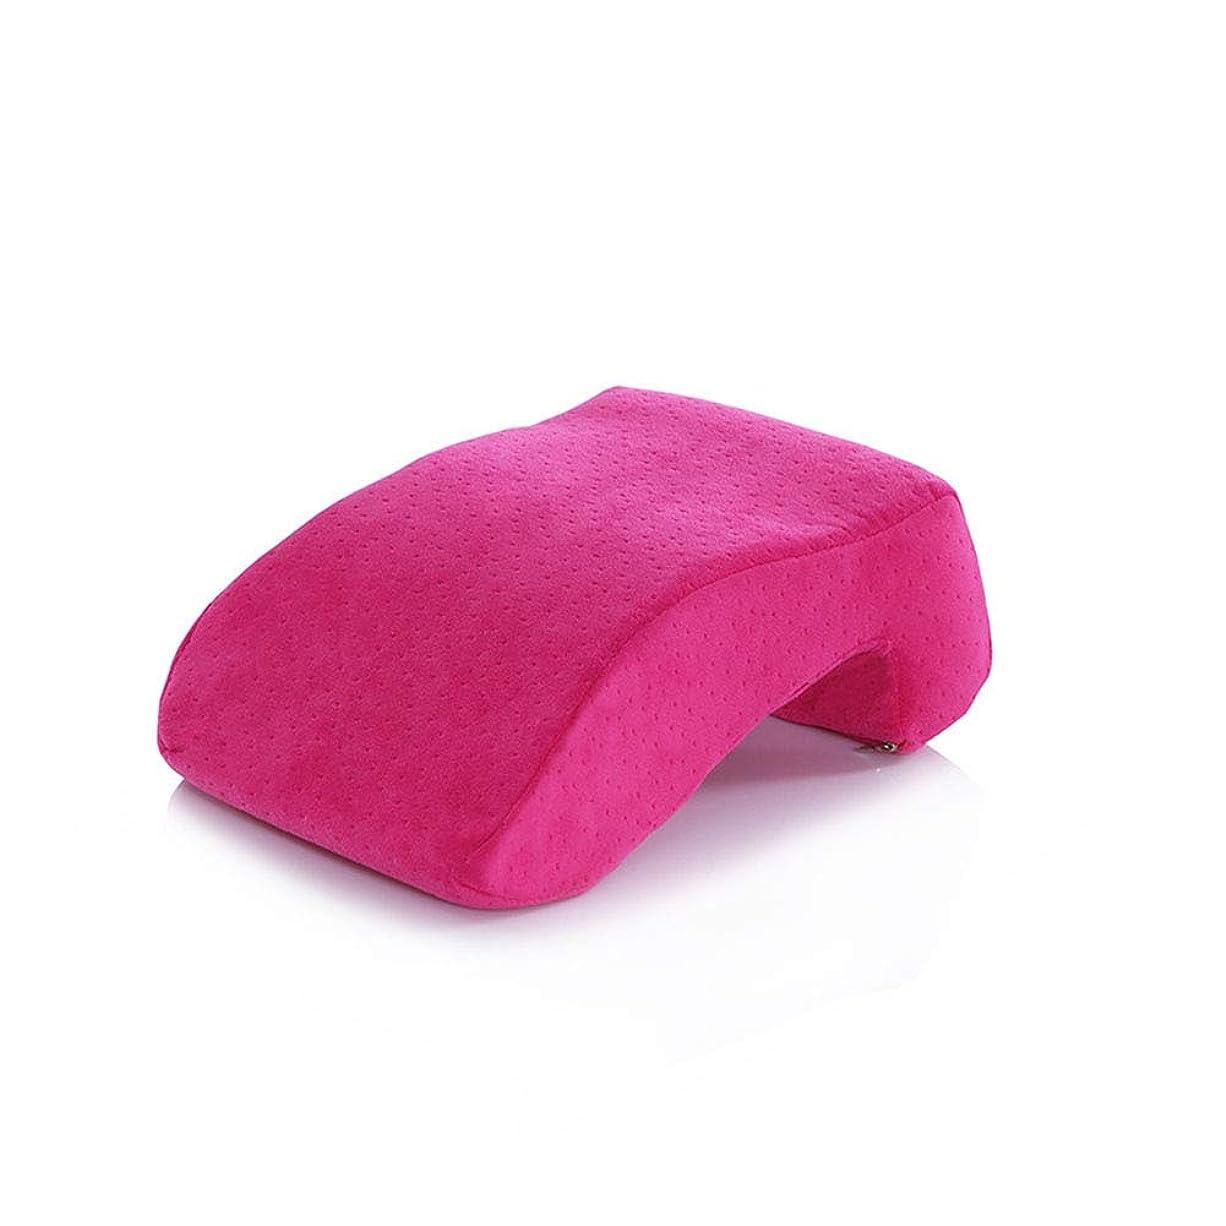 パン動的警察取り外し可能なキルティングカバーが付いているサポート枕オフィスの休息の枕学生の昼休みの枕